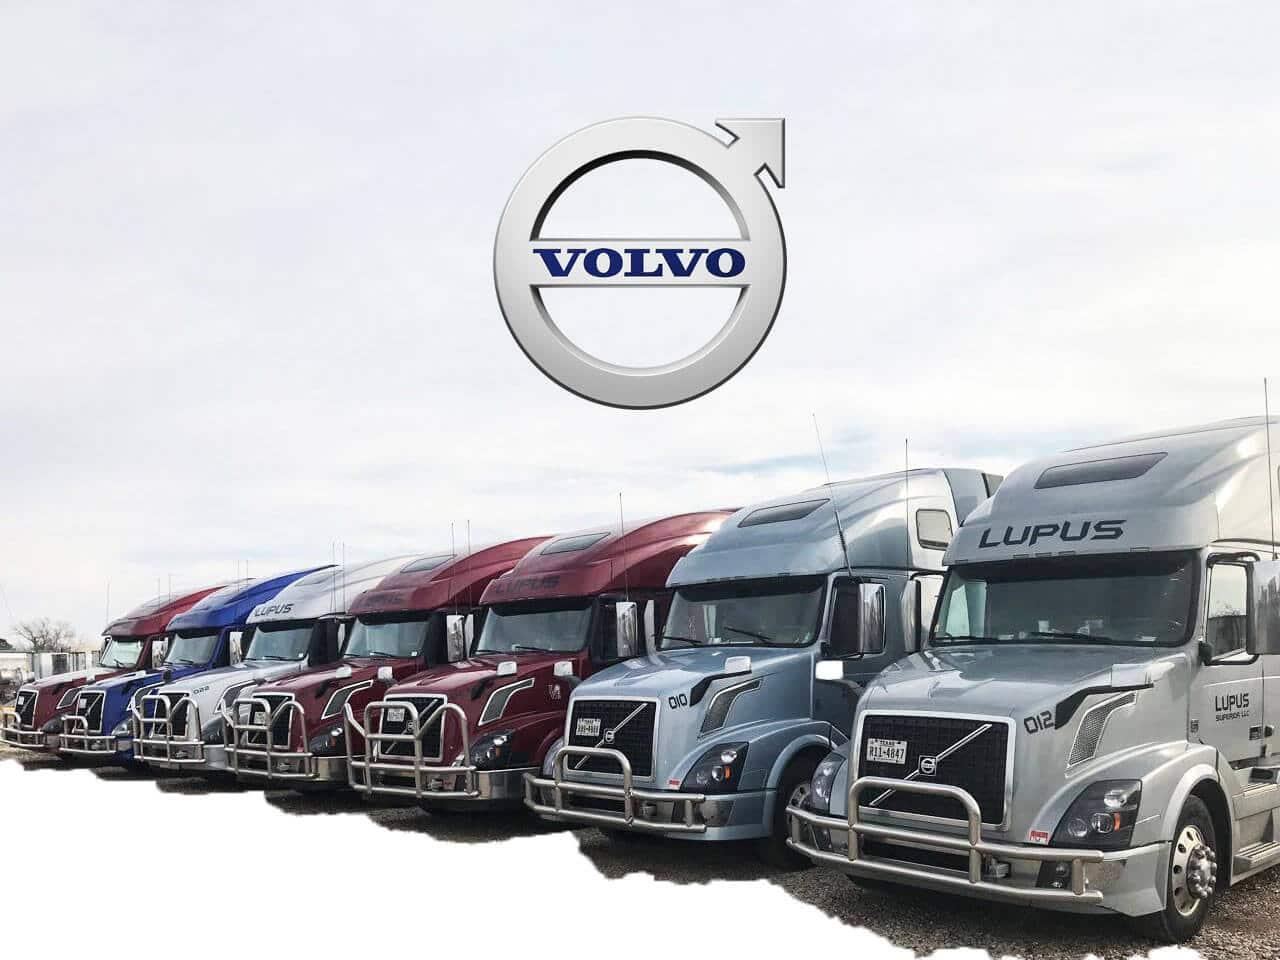 lupus-trucks-volvo